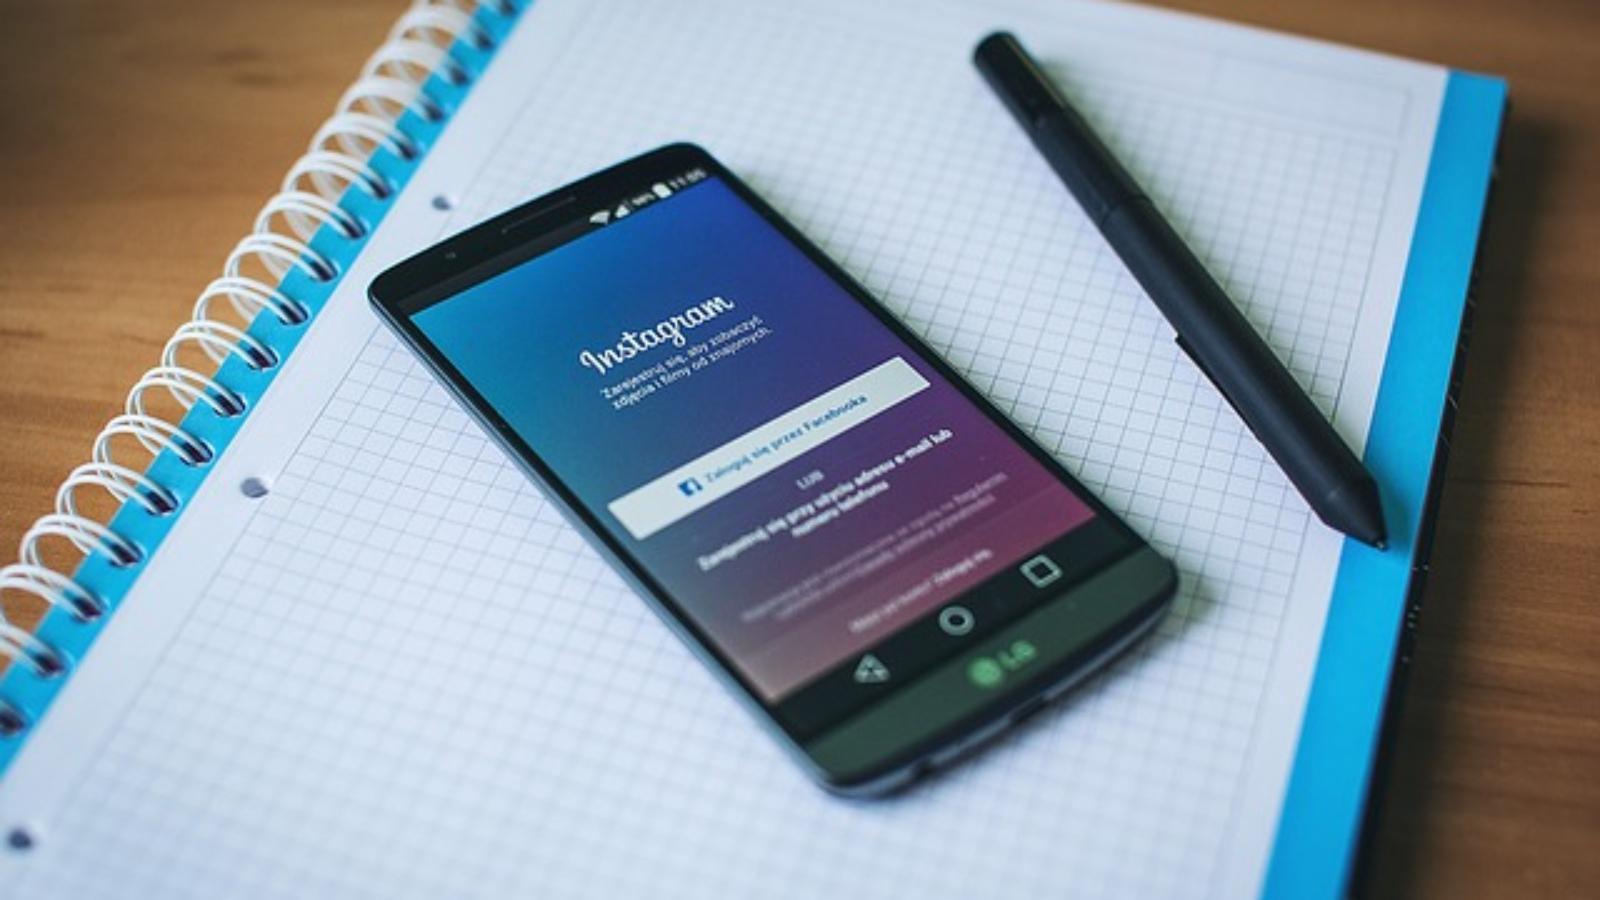 Marketing-Social-Media-Instagram